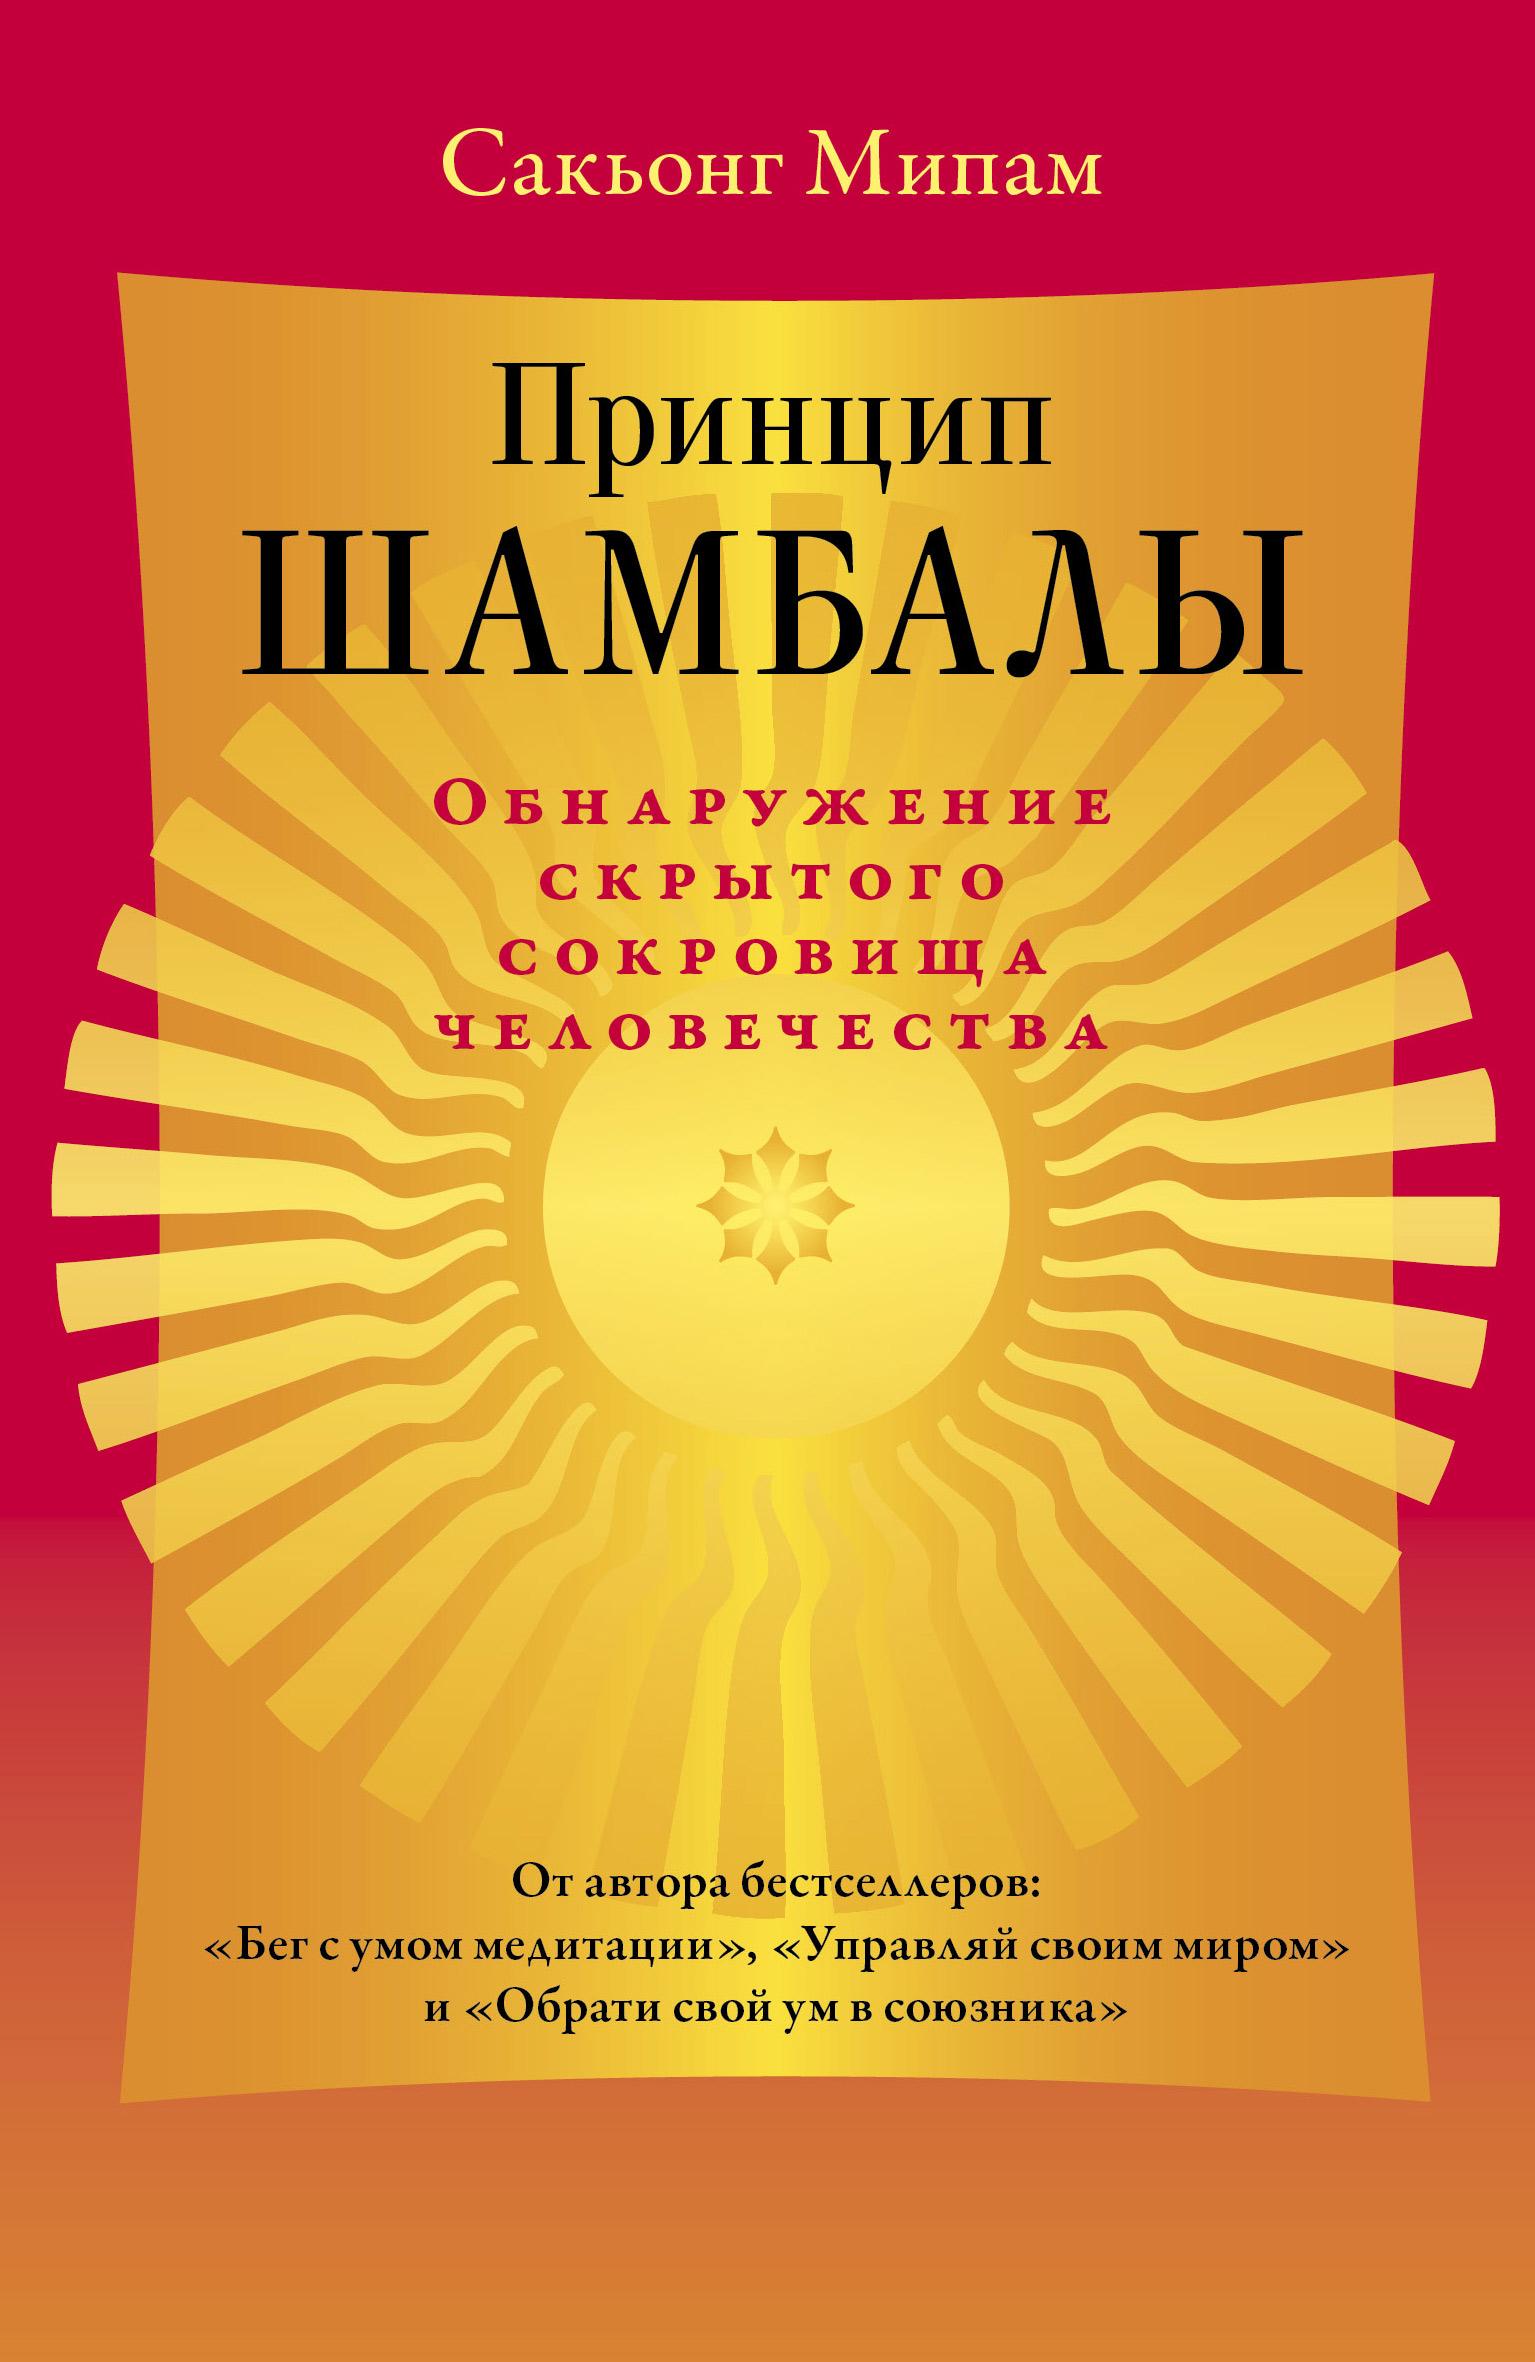 Принцип Шамбалы. Обнаружение скрытого сокровища человечества ( Сакьонг Мипам  )